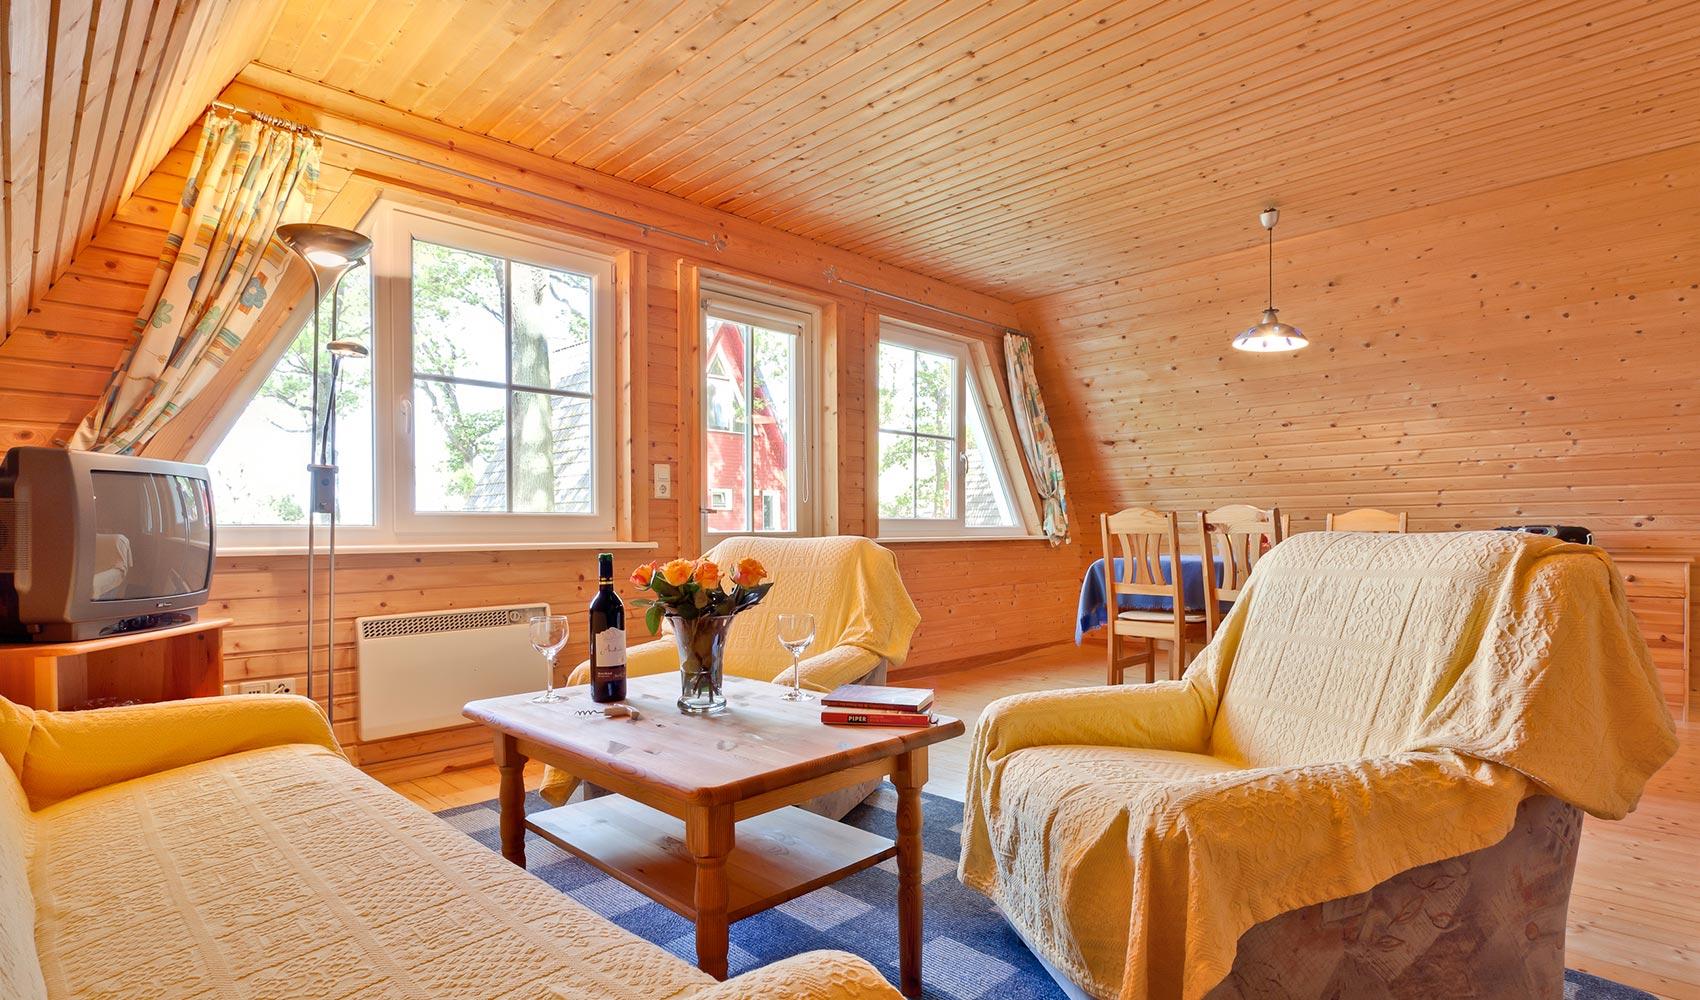 Wohnzimmer - Ferienanlage Rana Rike auf Rügen